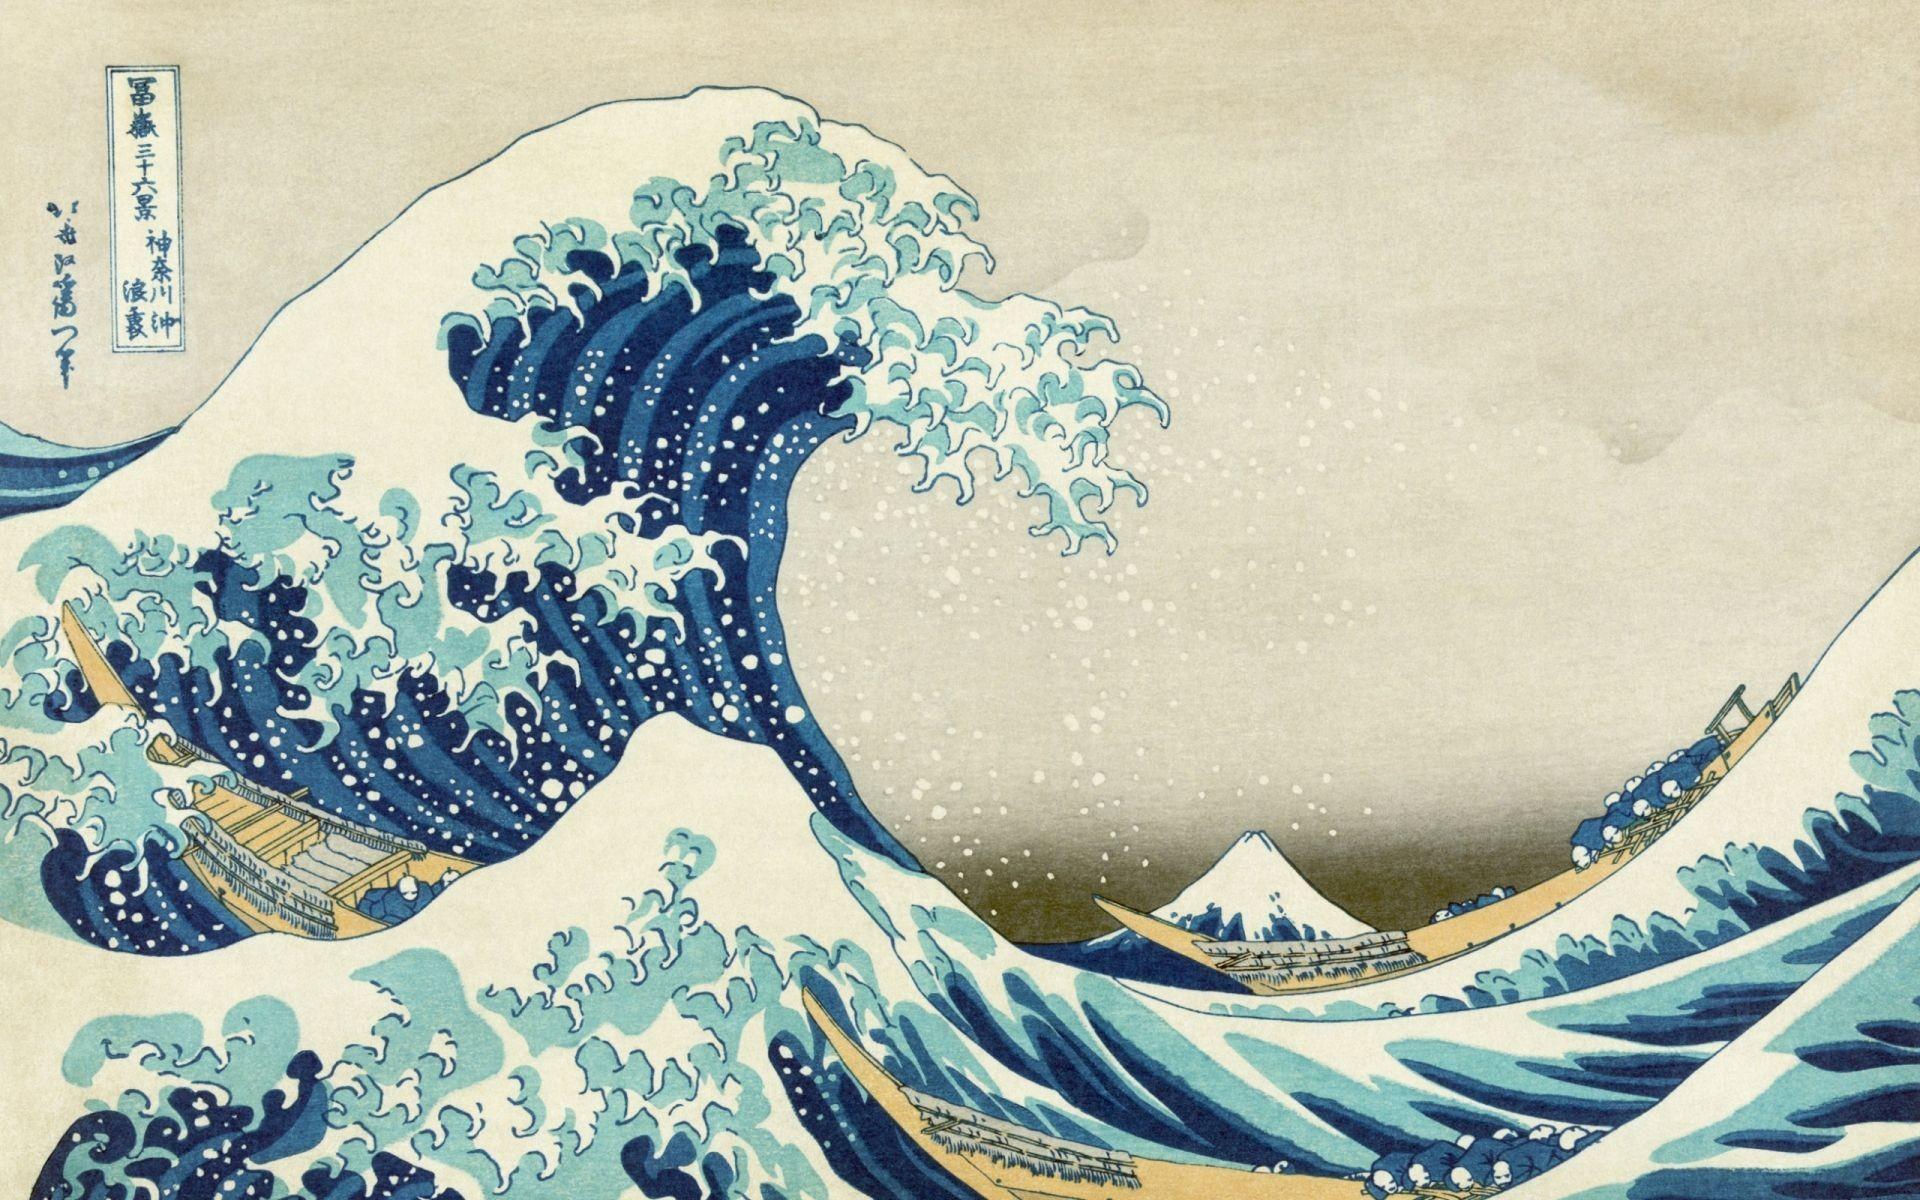 Top Japan Desktop Wallpaper Images for Pinterest